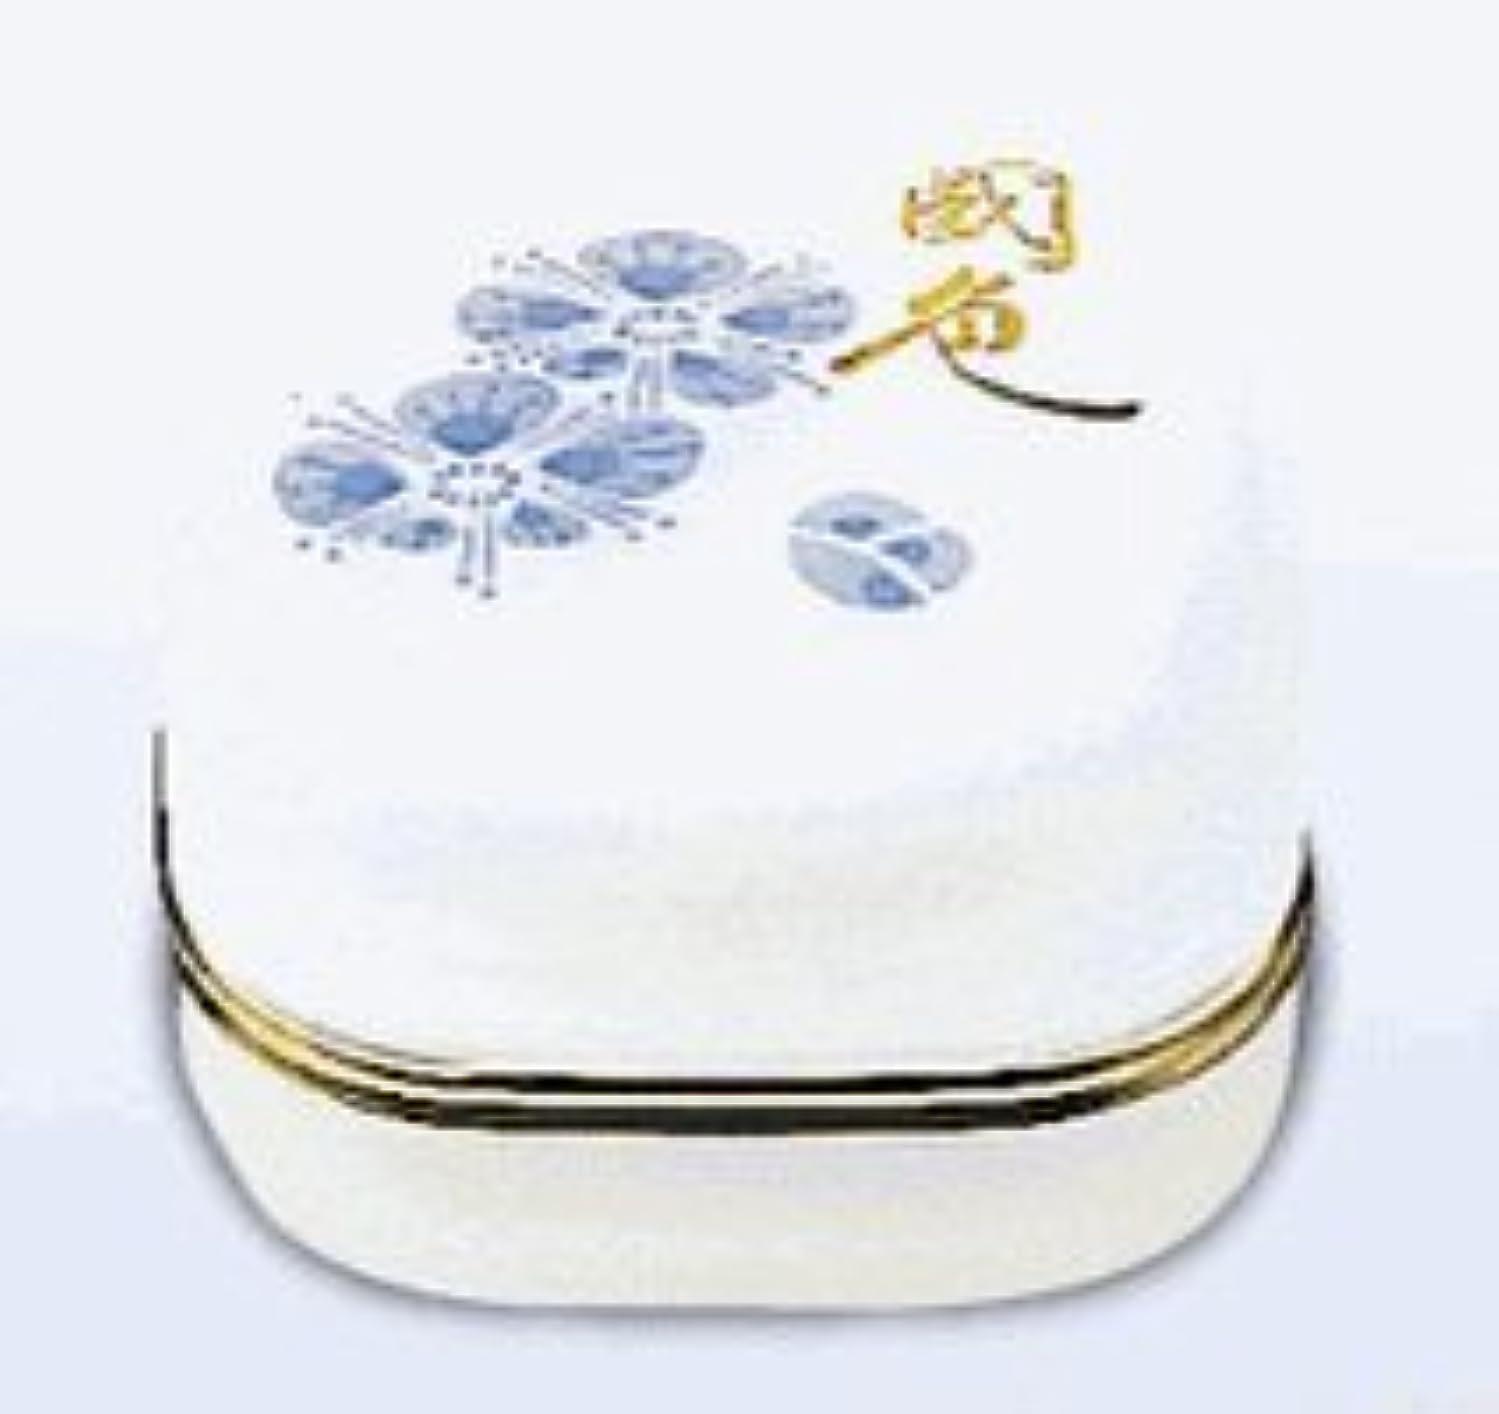 主権者新鮮なバター【オッペン化粧品】 OPPEN 薬用國色(こくしょく)33g (無香料?無着色)